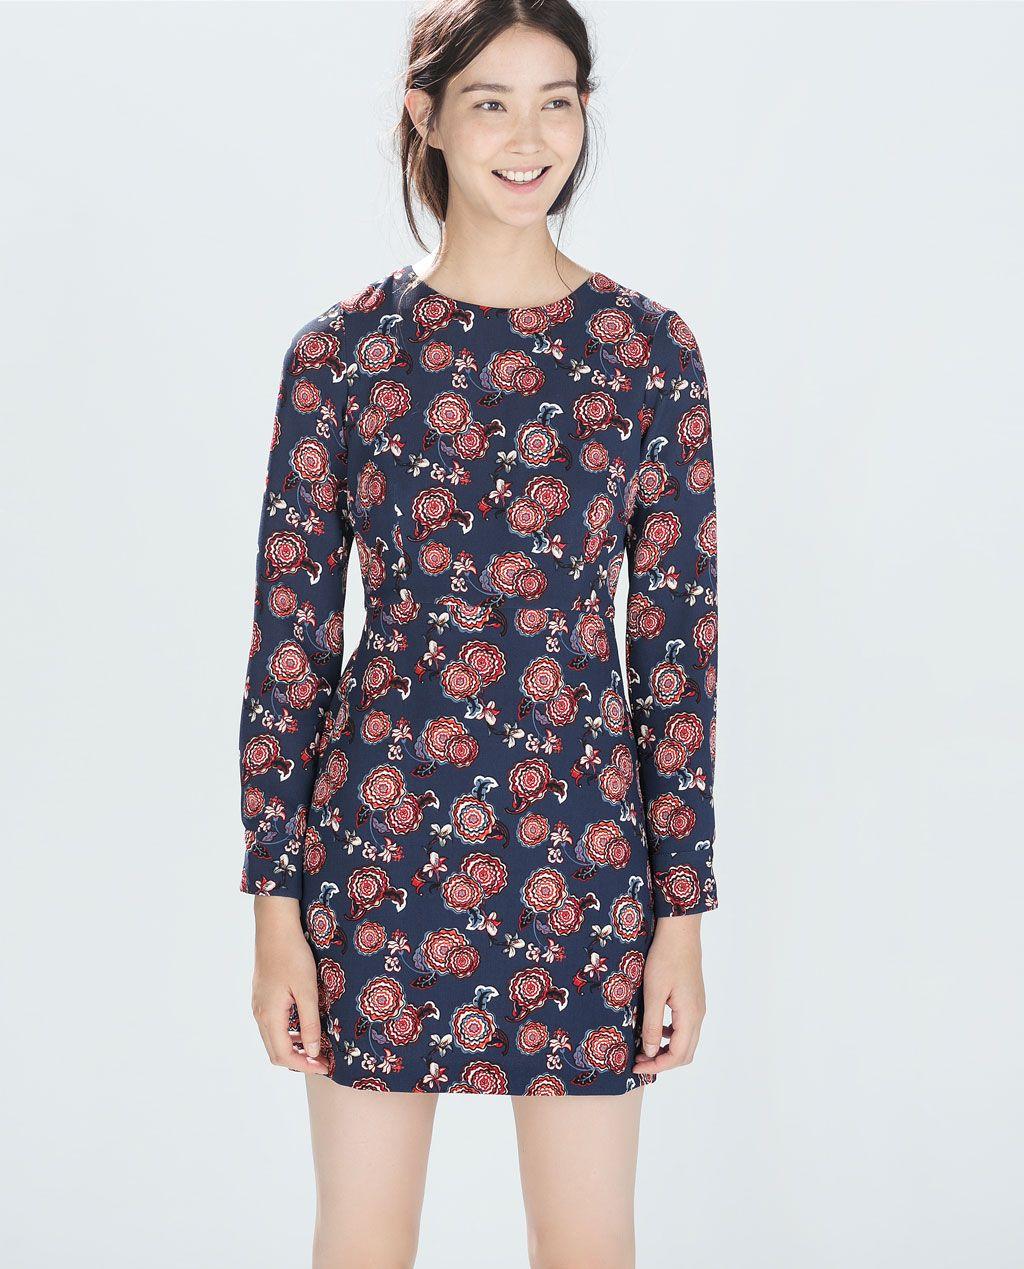 ZARA   WOMAN   PRINTED DRESS   Bedruckte kleider, Kleider, Kleider ...